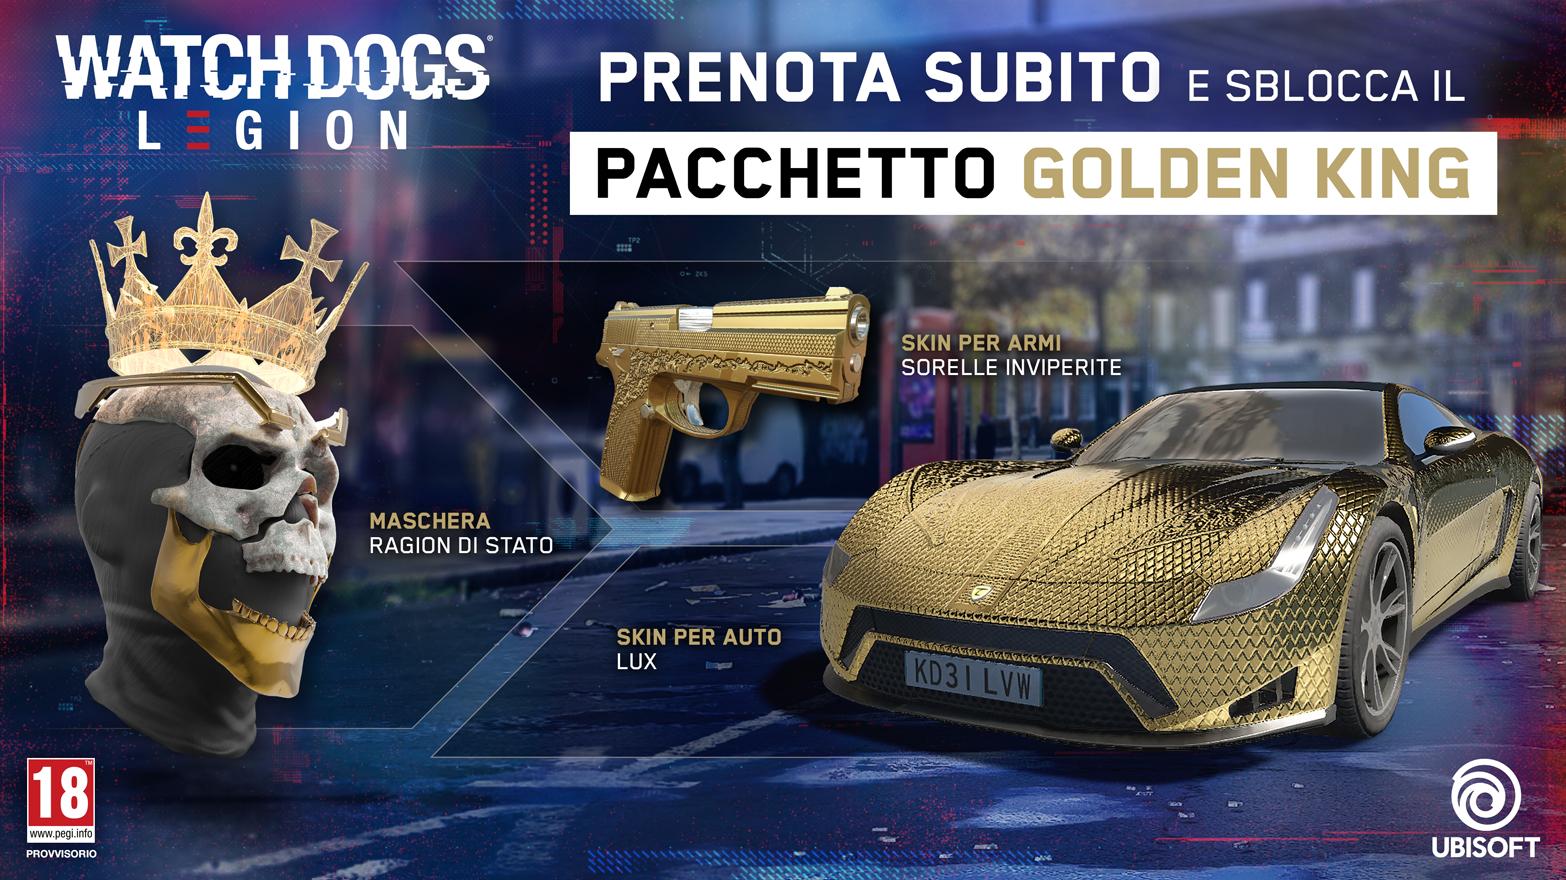 ULC Pacchetto - Maschera Ragion Di Stato, Skin per armi, Sorelle Inviperite, Skin per auto Lux